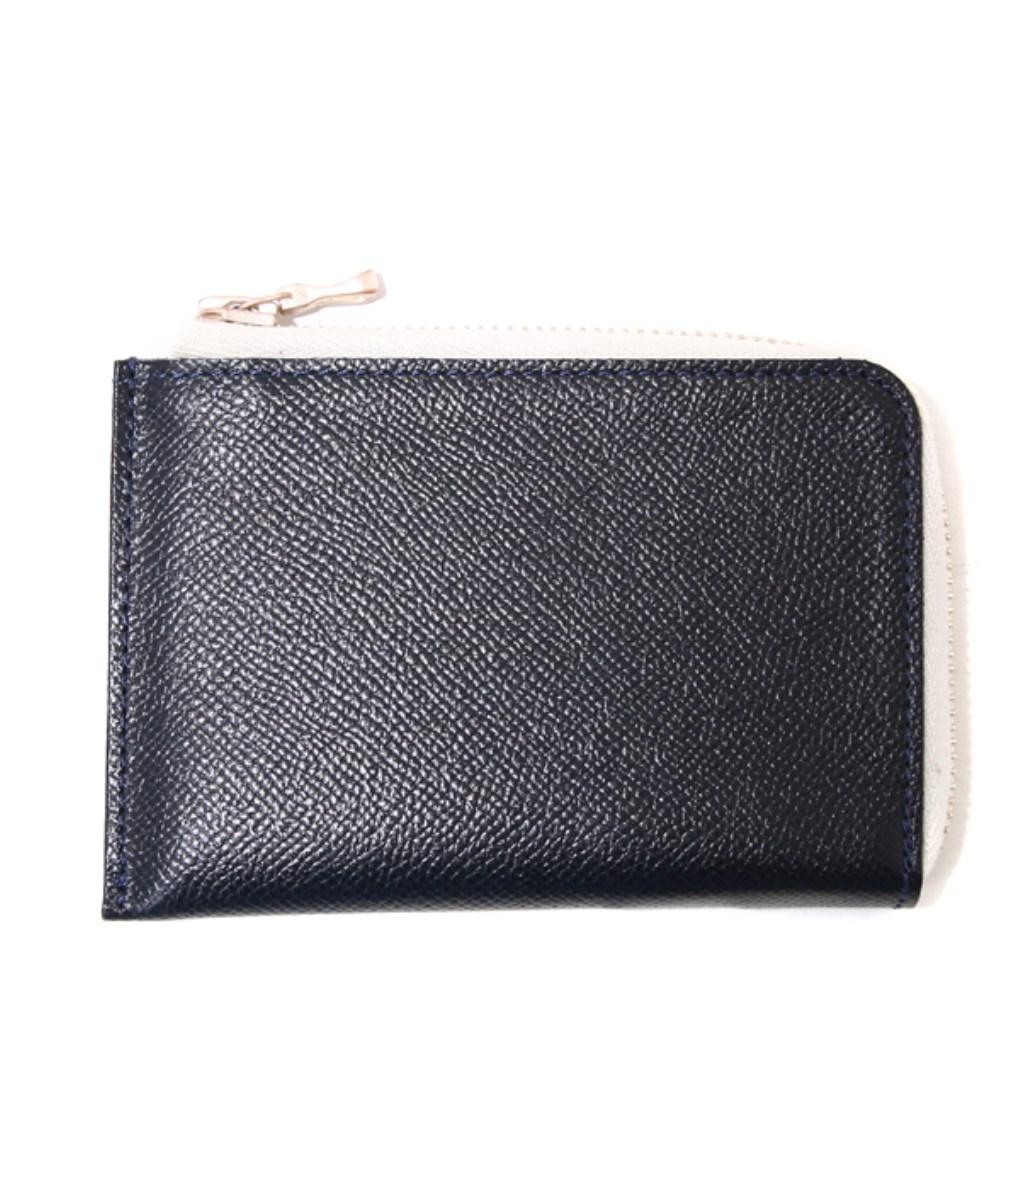 DIGAWEL / ディガウェル : L PURSE (LARGE) Calf leather / 全3色 : 財布 ウォレット カーフレザー メンズ レディース : DWZOZ010 【COR】